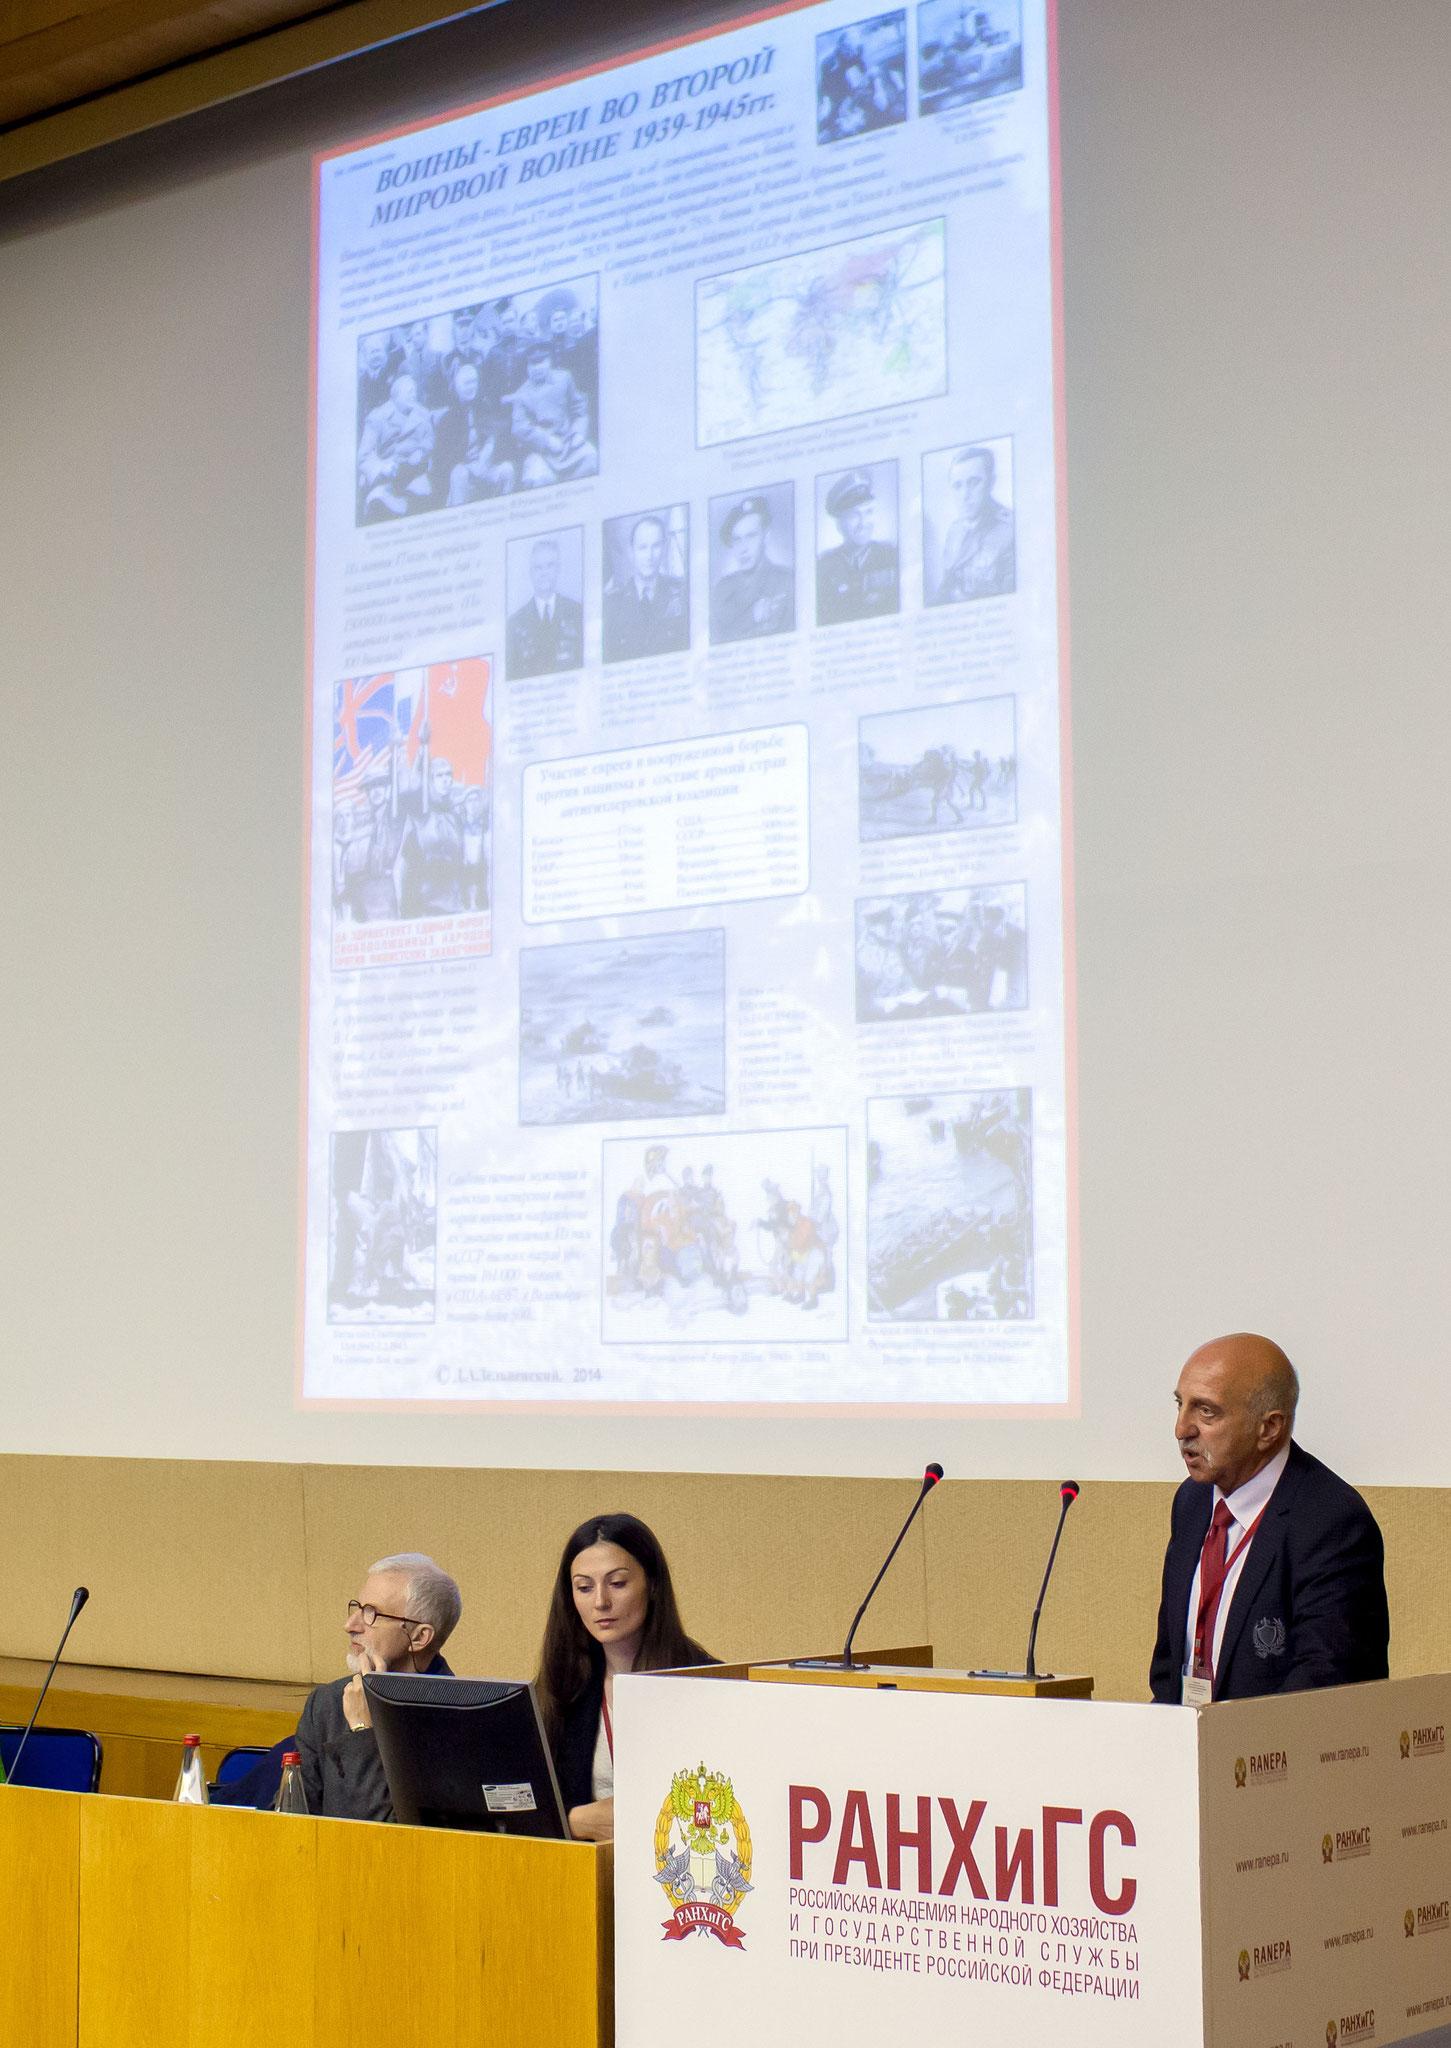 В Москве; 15 мая 2015 года. На конференции, посвященной 70-летию Победы (организована РЕК и Конгрессом горских евреев)